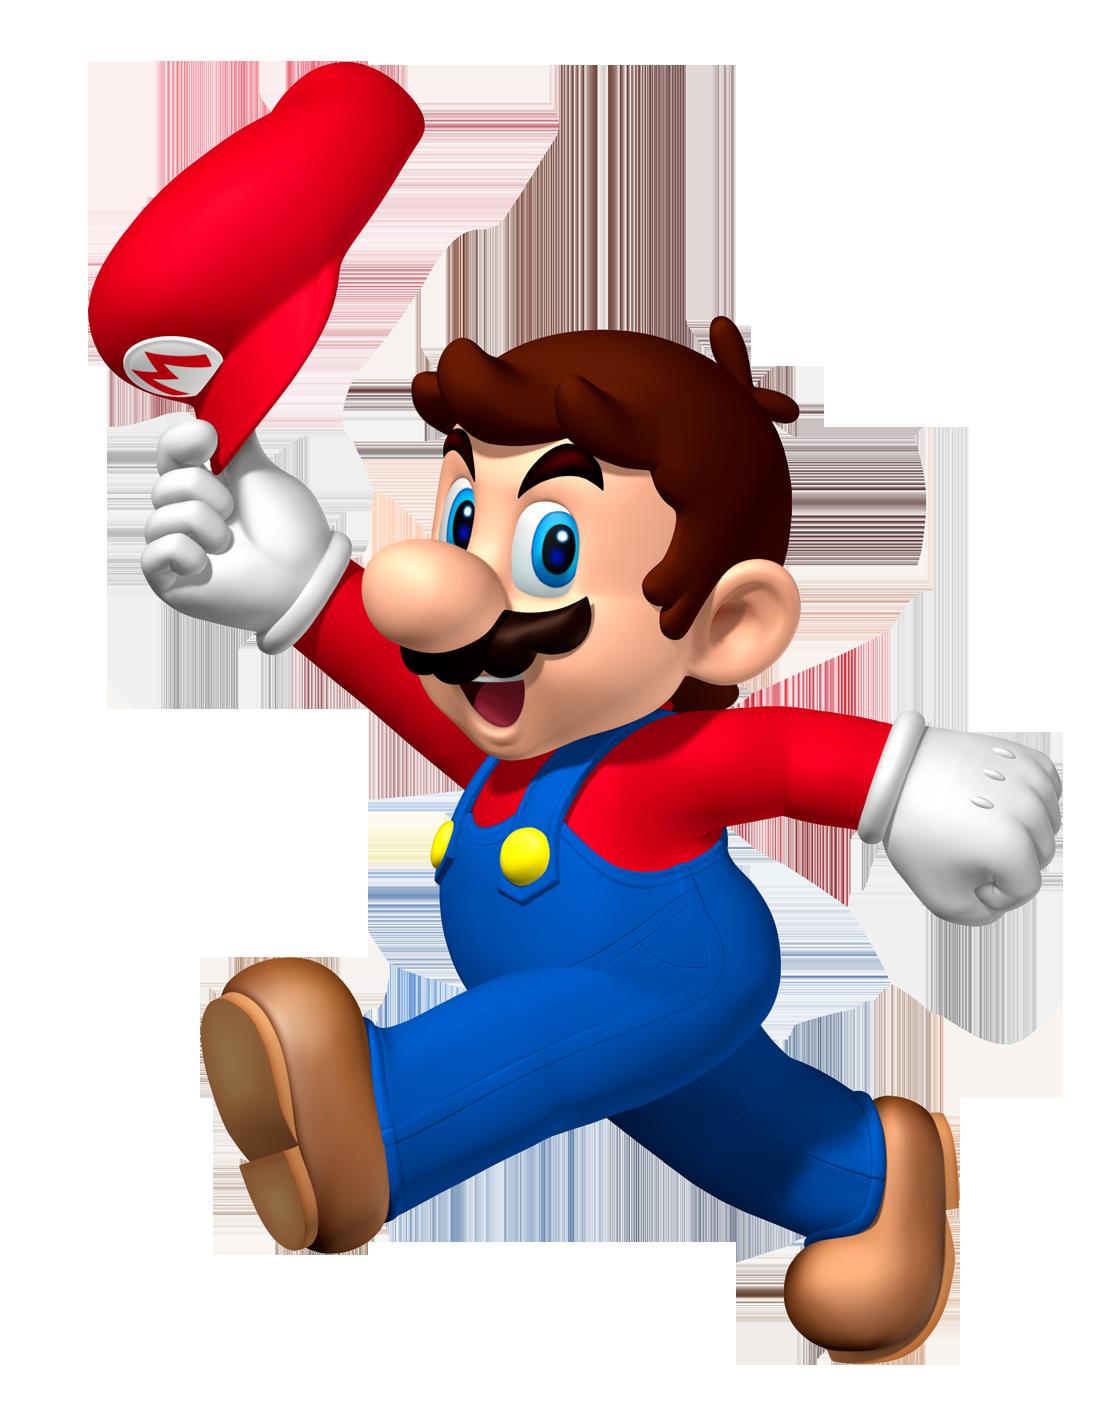 Super Mario Bros.: Wii Edition   Fantendo - Nintendo Fanon ...